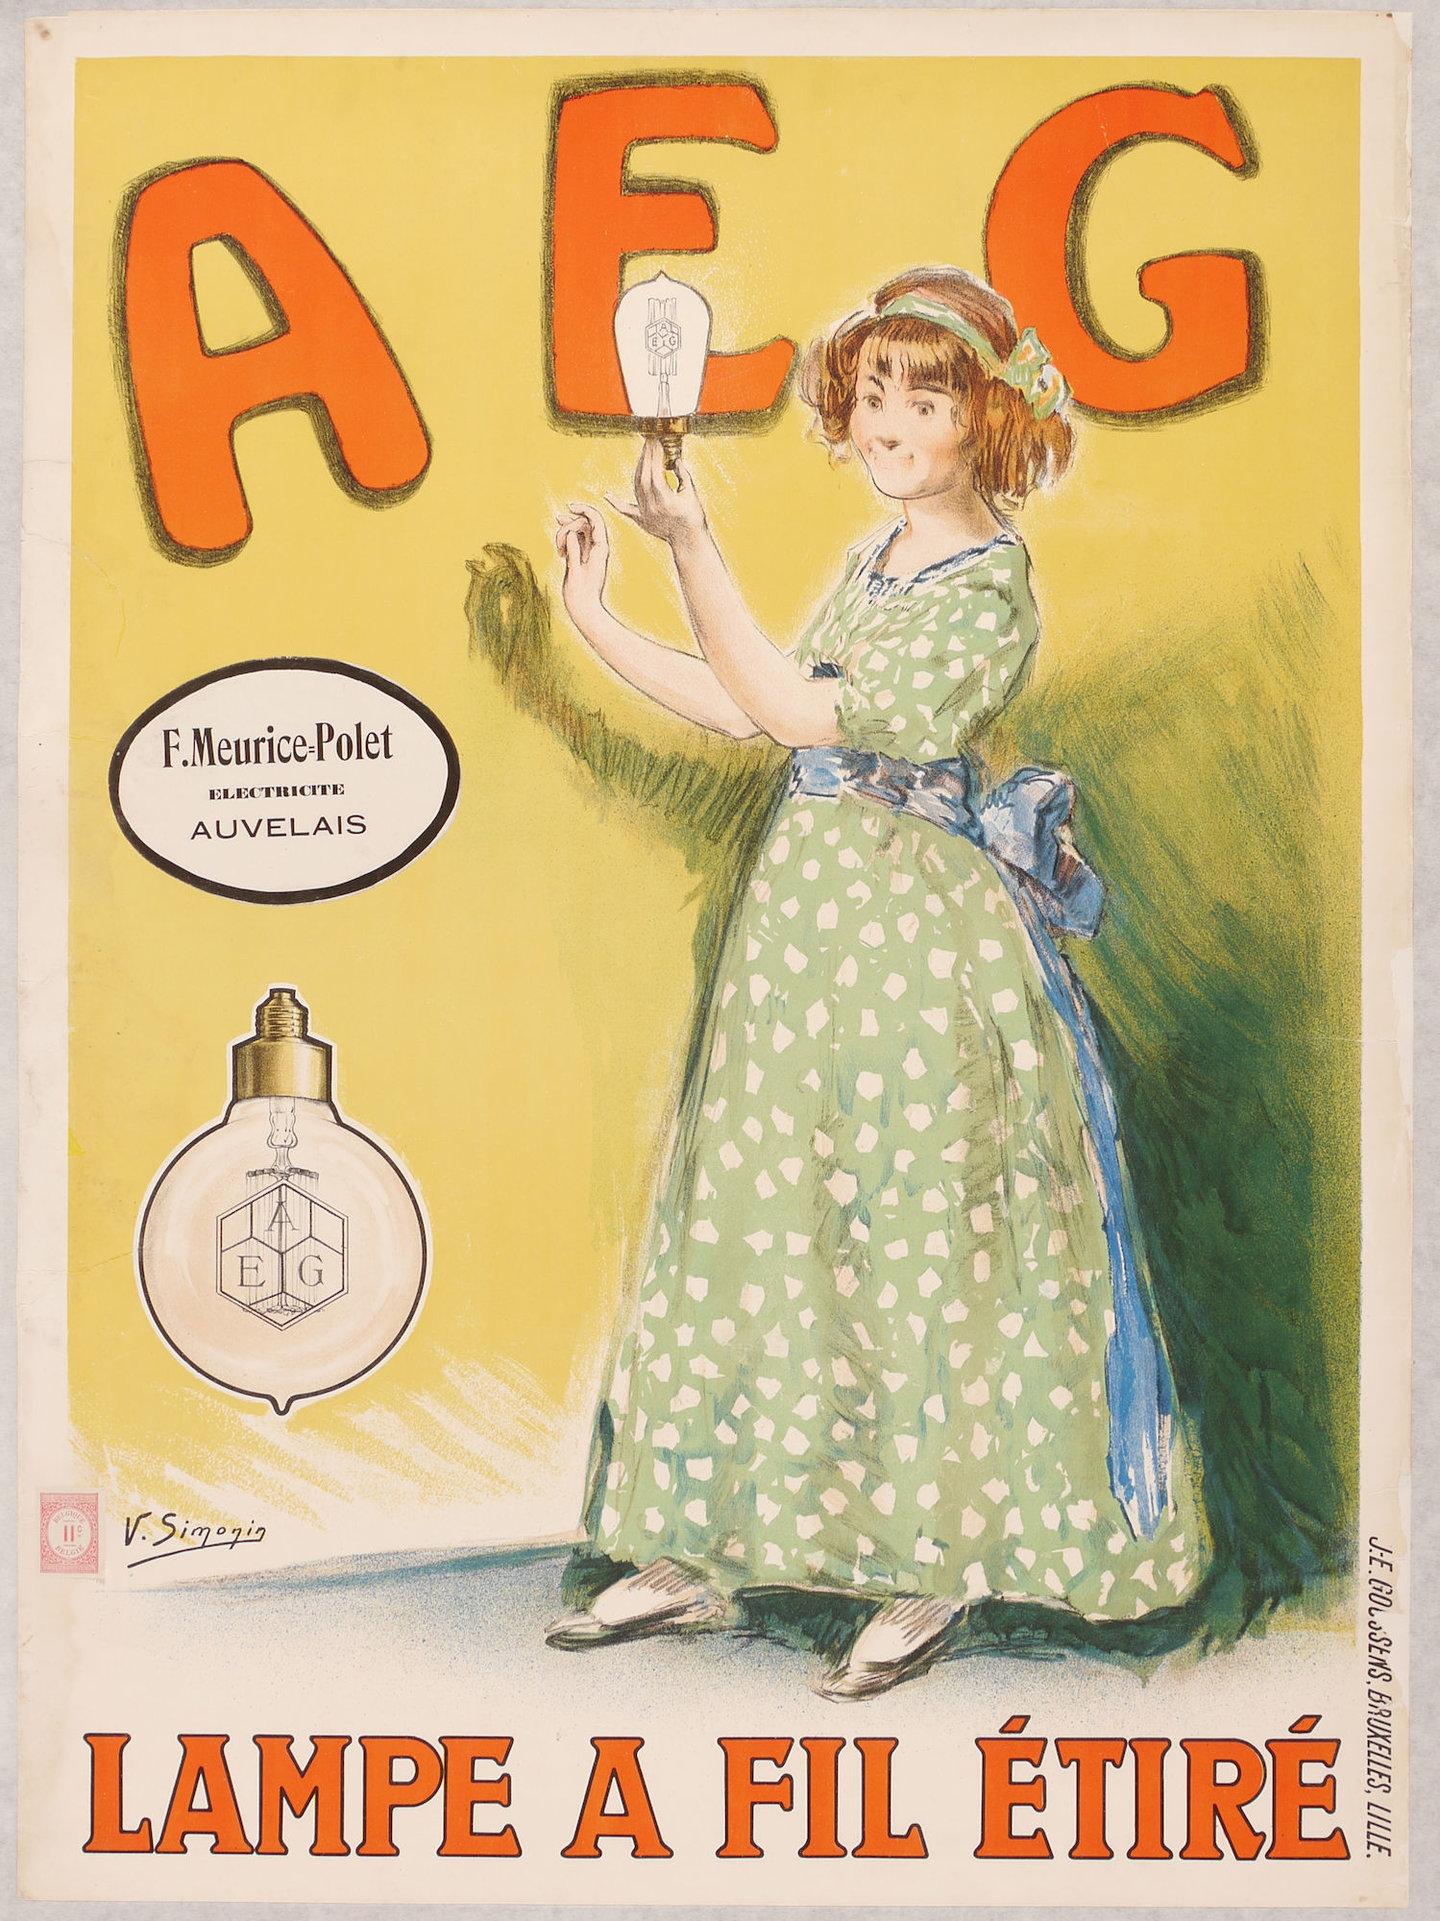 Publicitaire affiche voor gloeilampen van het merk AEG